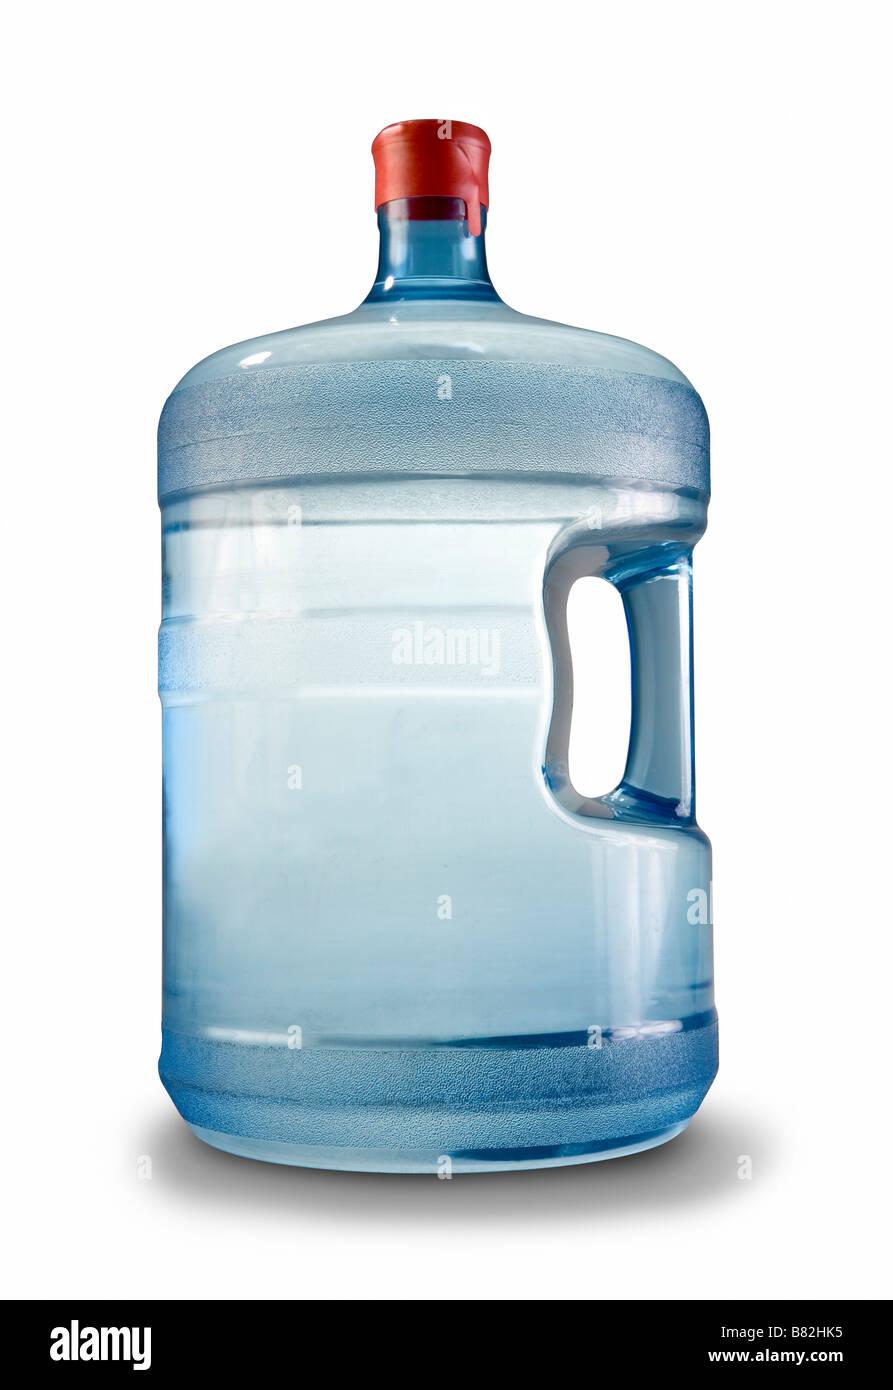 A 5 galloni di acqua brocca di molla o acqua purificata da un esercizio commerciale Immagini Stock